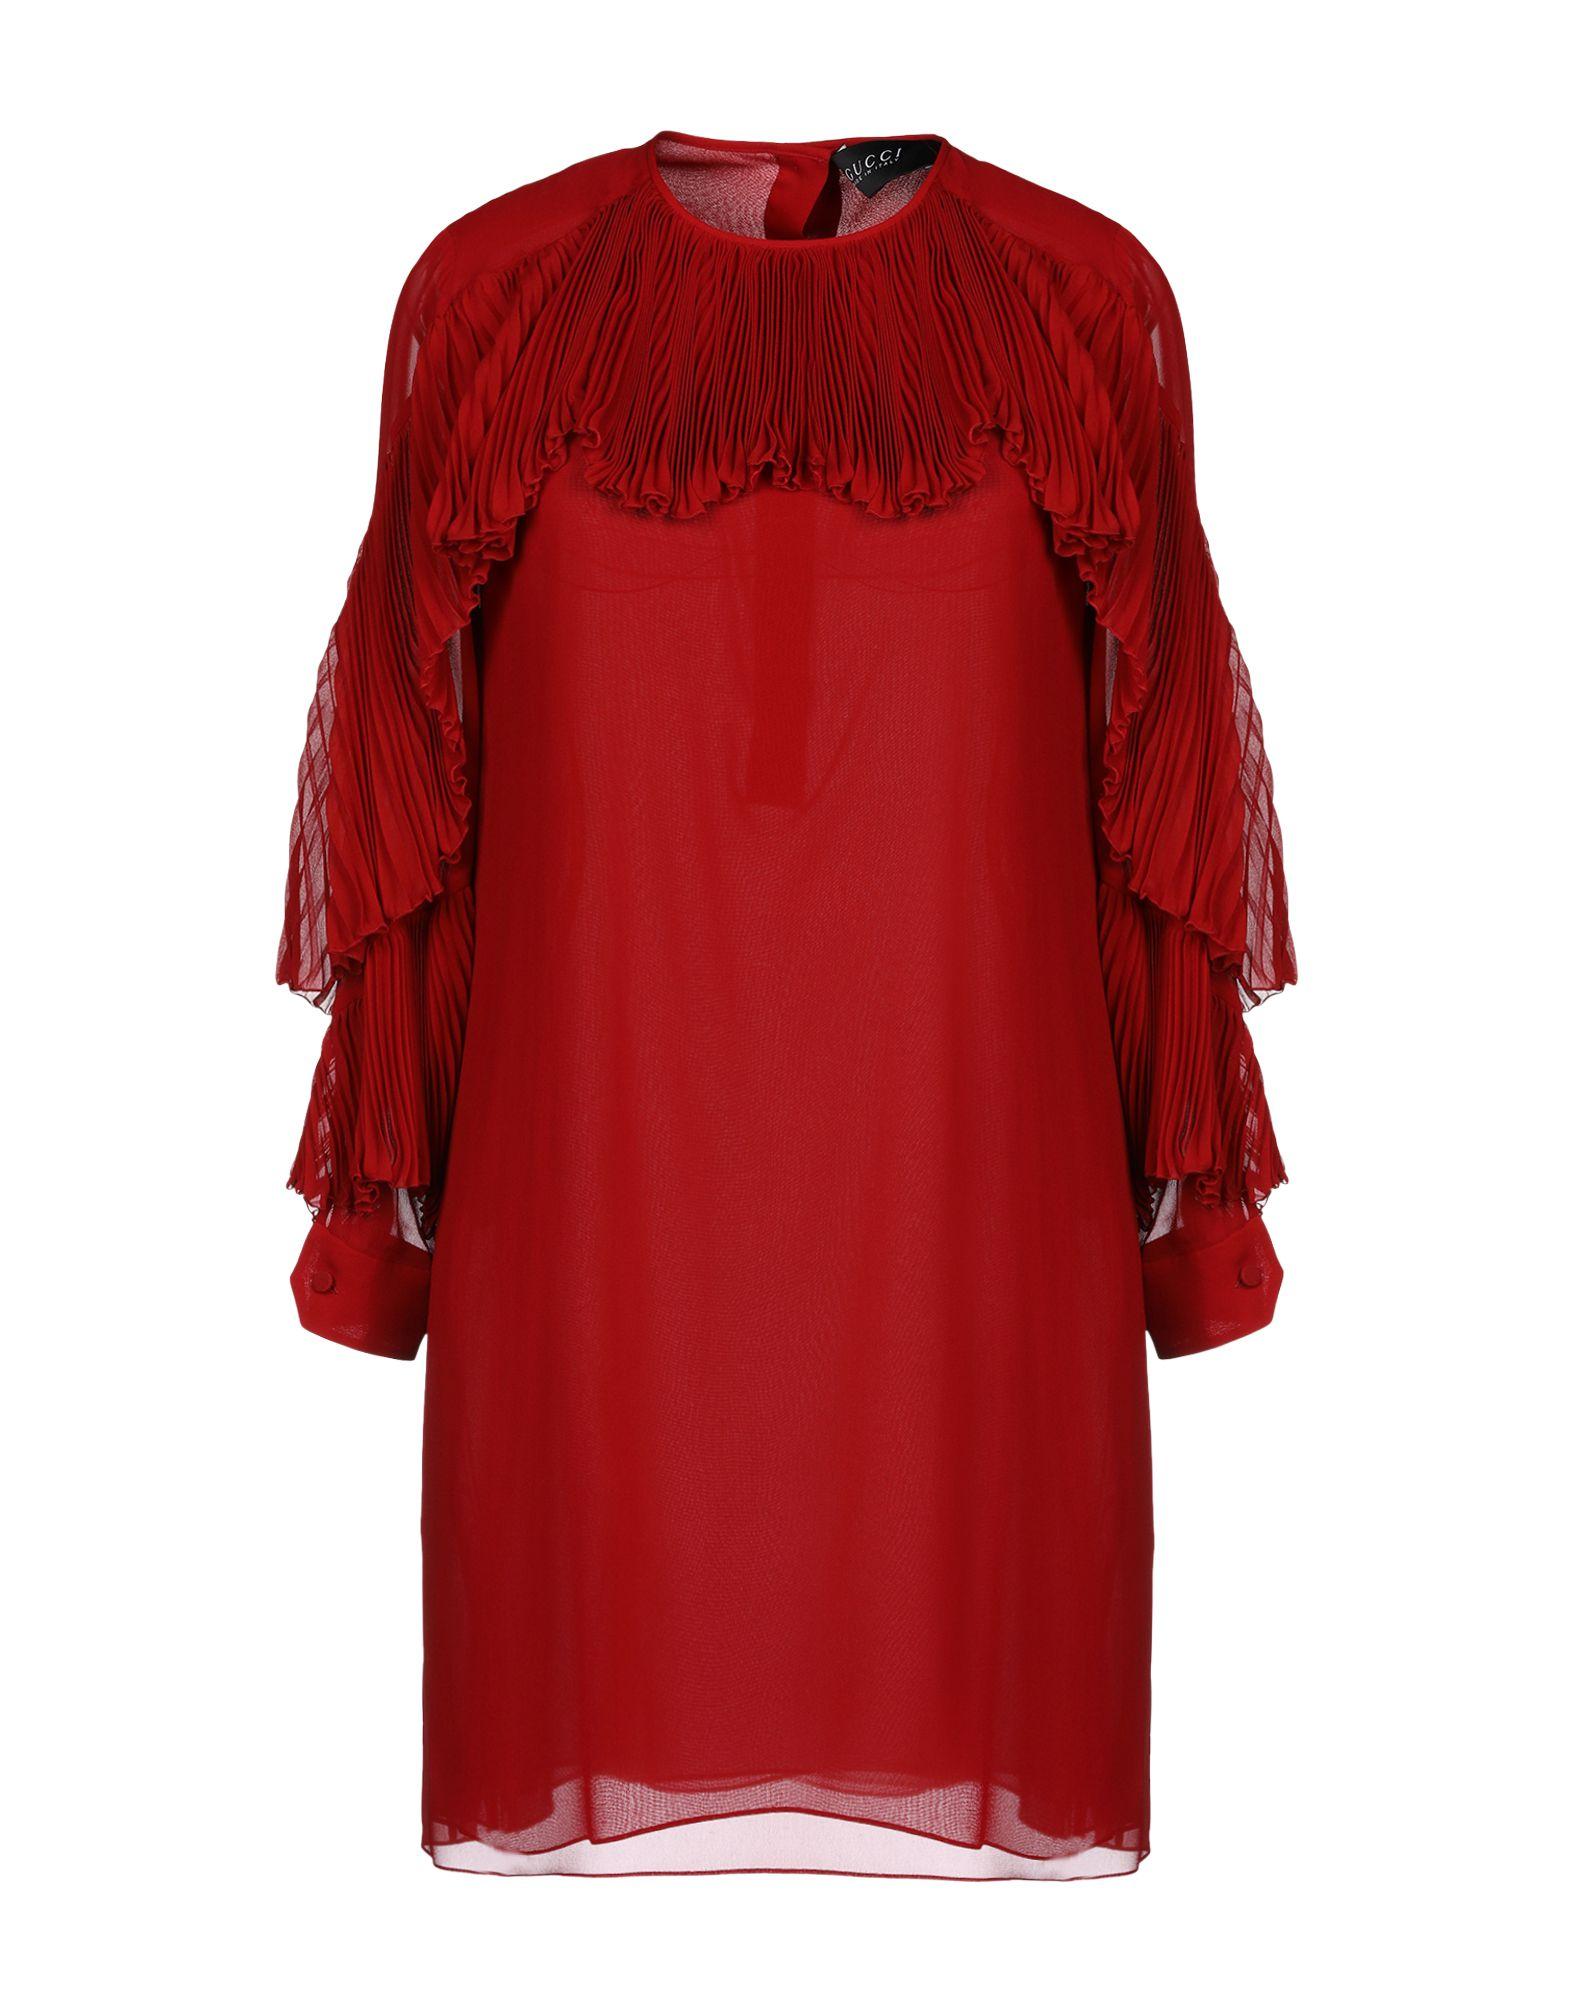 GUCCI Damen Kurzes Kleid Farbe Rot Größe 3